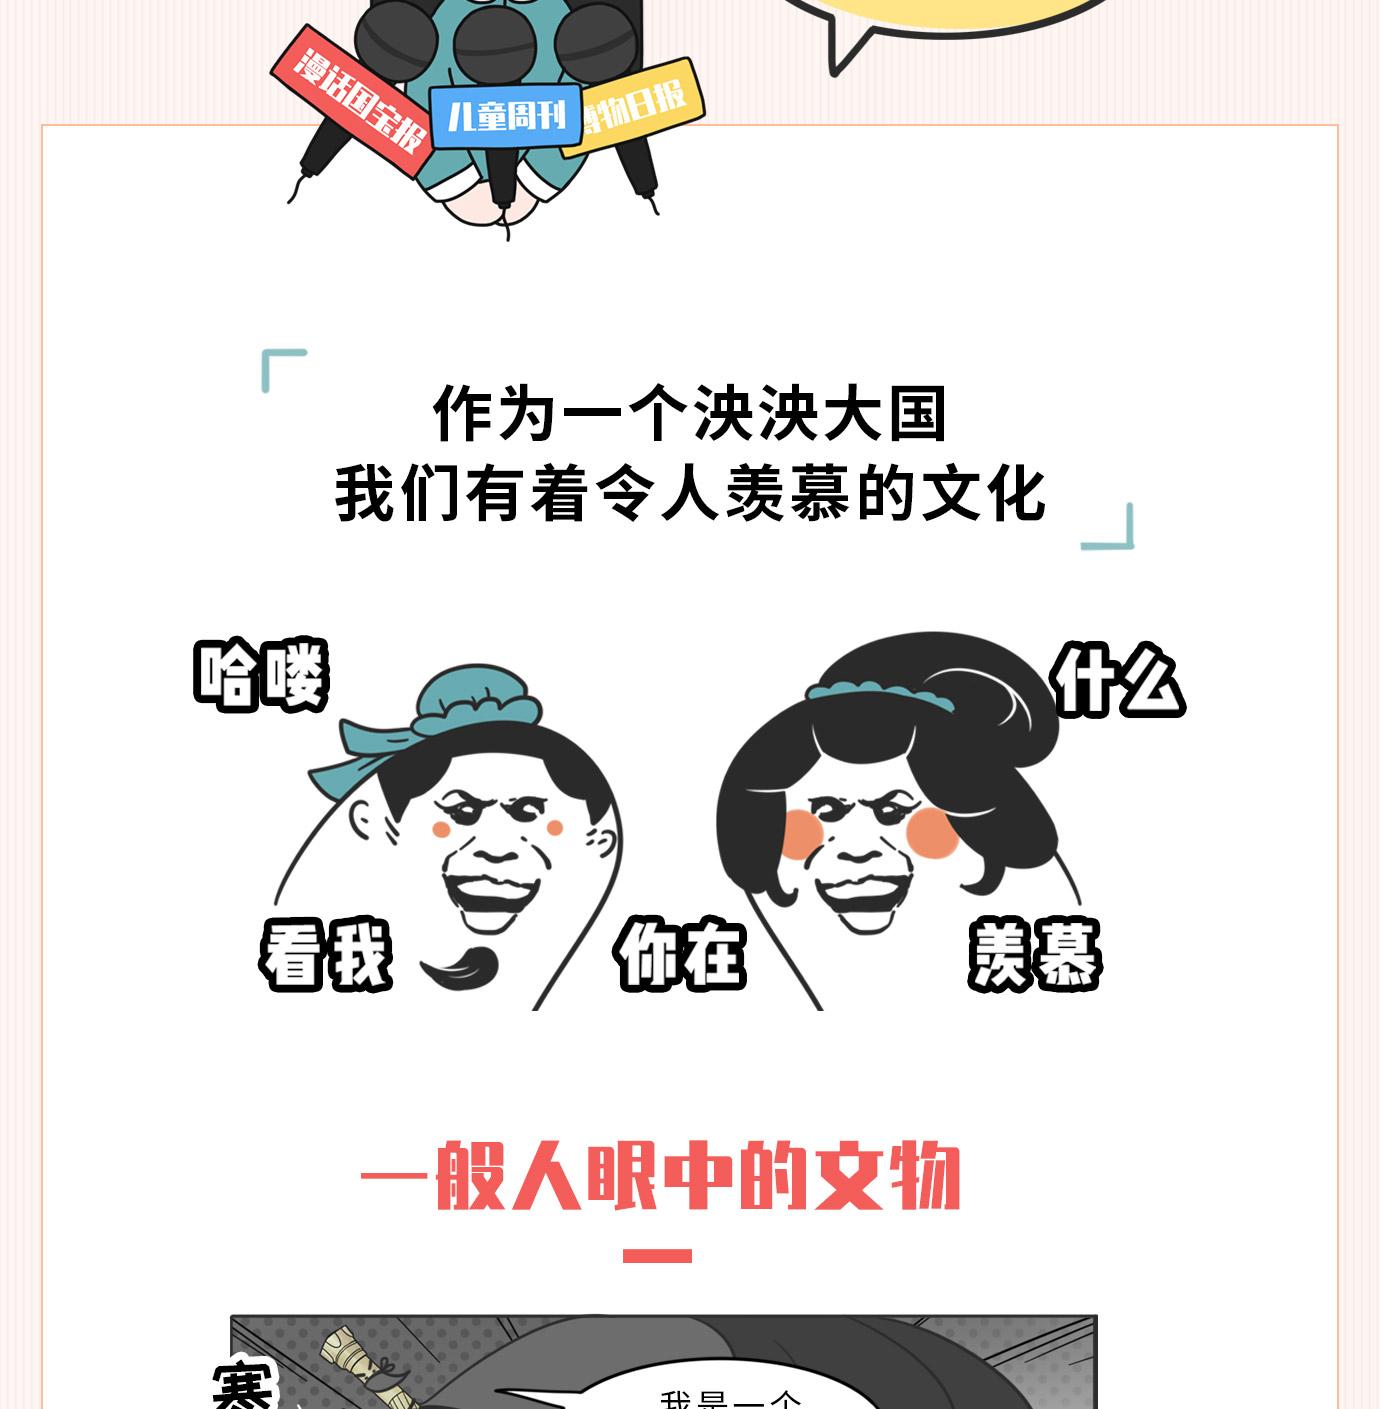 漫话国宝 (10).jpg